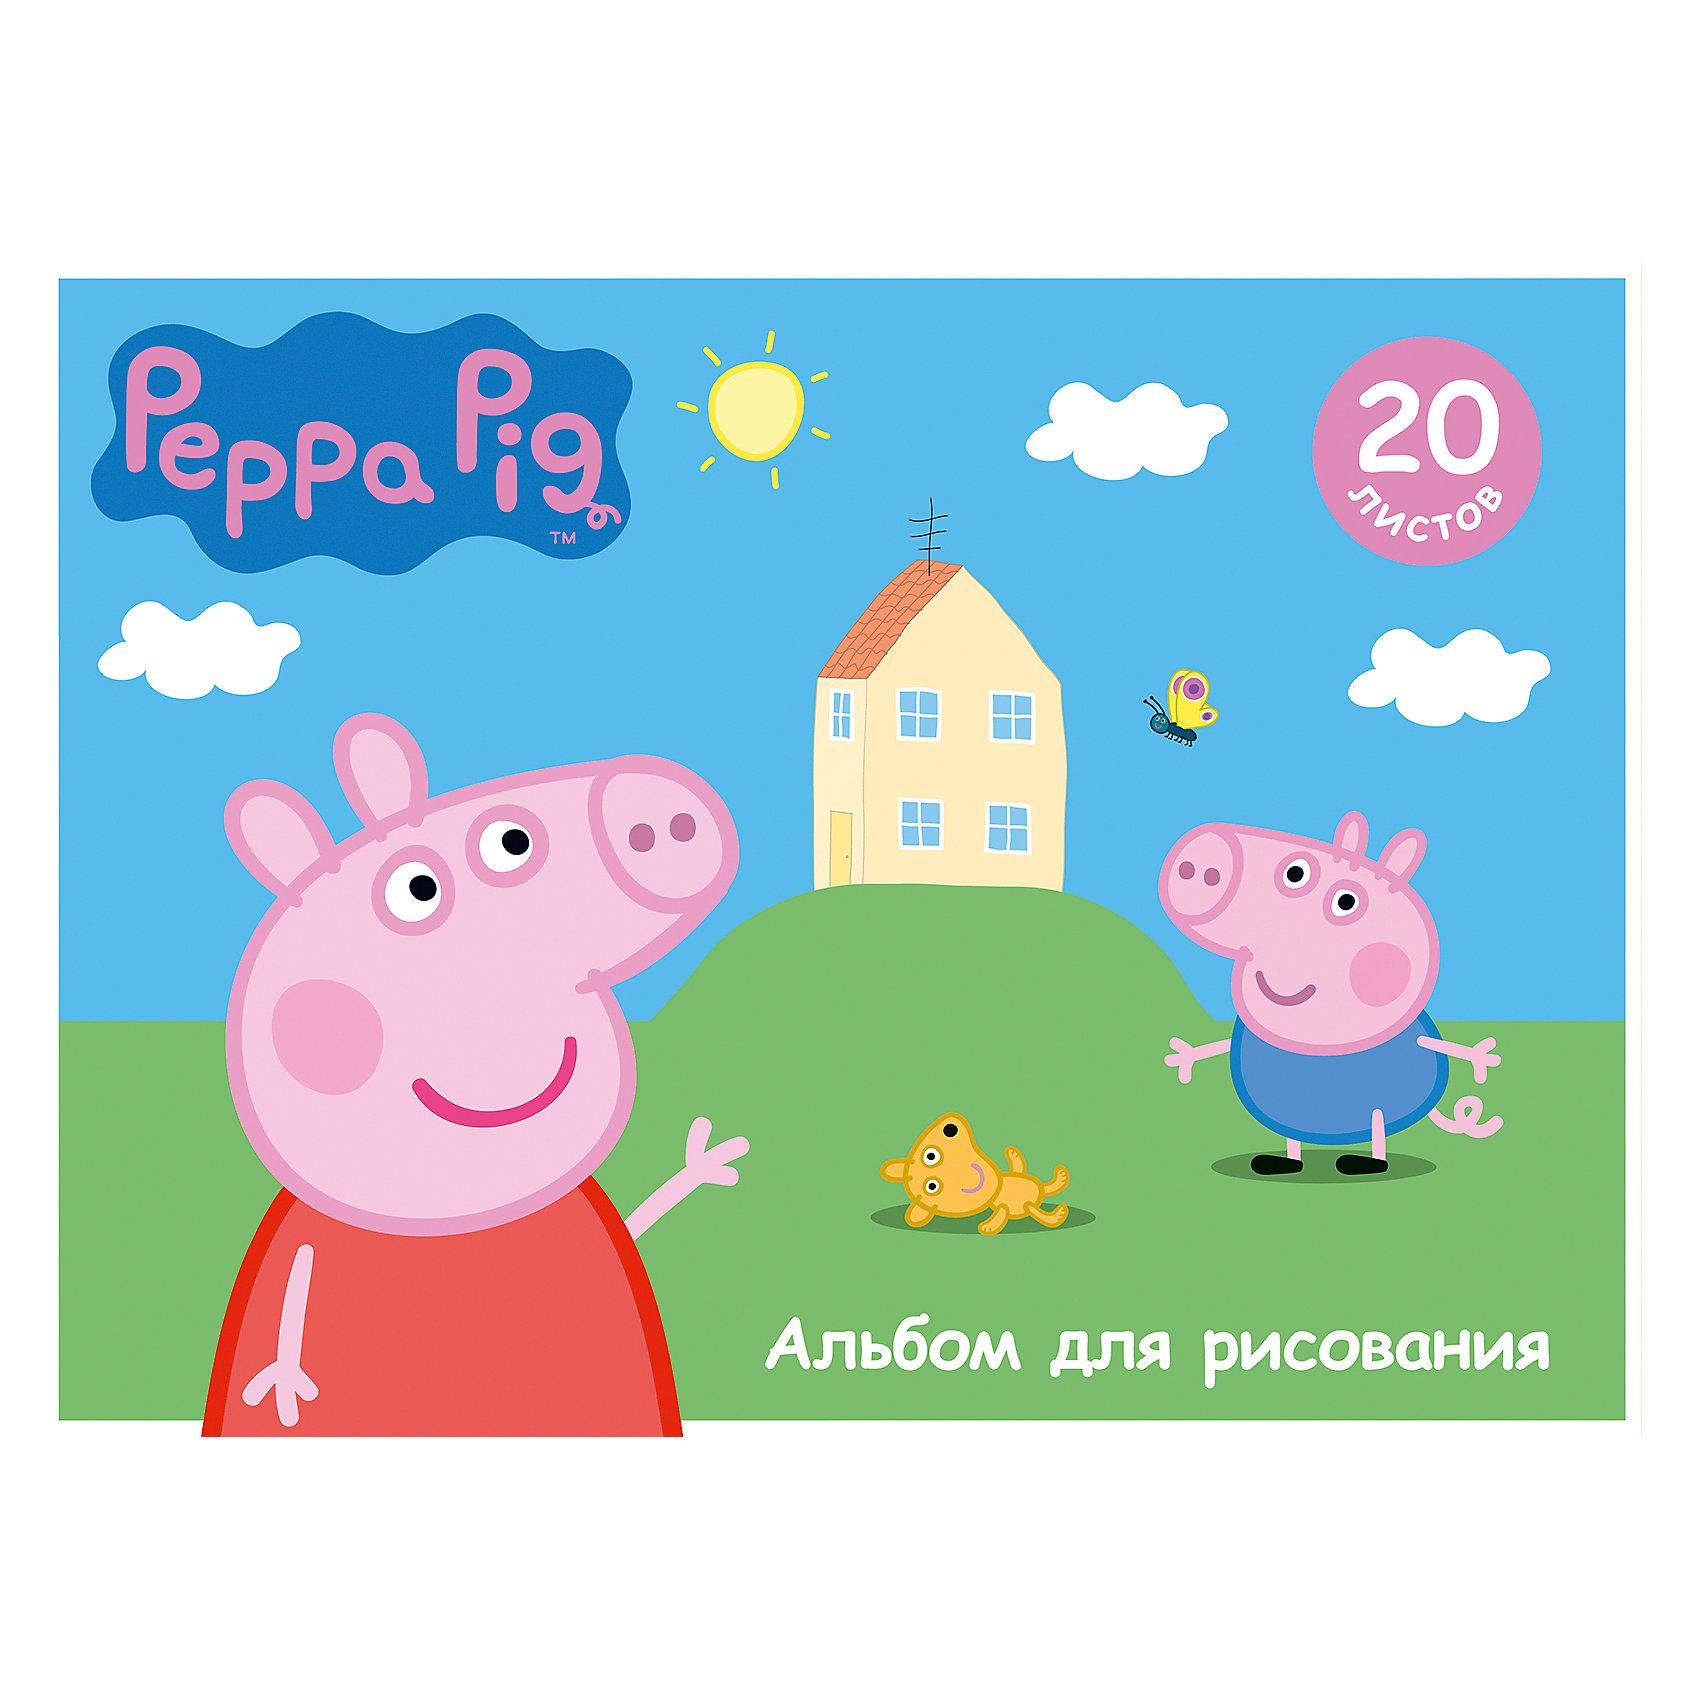 Альбом для рисования, 20 листов, Свинка Пеппа. Умница, Peppa PigБумажная продукция<br>Характеристики альбома для рисования, 20 листов, Свинка Пеппа. Умница, Peppa Pig:<br><br>• возраст: от 3 лет<br>• пол: для мальчиков и девочек<br>• герой: Свинка Пеппа / Peppa Pig<br>• состав: картон, бумага.<br>• количество листов: 20<br>• Формат: А4<br>• размер: 28 x 20 см.<br>• бренд: Росмэн<br>• страна обладатель бренда: Россия.<br><br>Альбом Свинка Пеппа формата А4 содержит 20 бумажных листов, которые, благодаря своей высокой плотности, идеально подходят для рисования акварелью, гуашью, карандашами и фломастерами. А обаятельные герои мультфильма, изображенные на обложке из импортного мелованного картона, призваны вдохновлять вашего маленького художника на новые шедевры детского творчества. Крепление - скрепка. <br><br>Альбом для рисования, 20 листов, Свинка Пеппа. Умница, Peppa Pig издательства Росмен можно купить в нашем интернет-магазине.<br><br>Ширина мм: 280<br>Глубина мм: 205<br>Высота мм: 40<br>Вес г: 136<br>Возраст от месяцев: 36<br>Возраст до месяцев: 2147483647<br>Пол: Унисекс<br>Возраст: Детский<br>SKU: 5453351